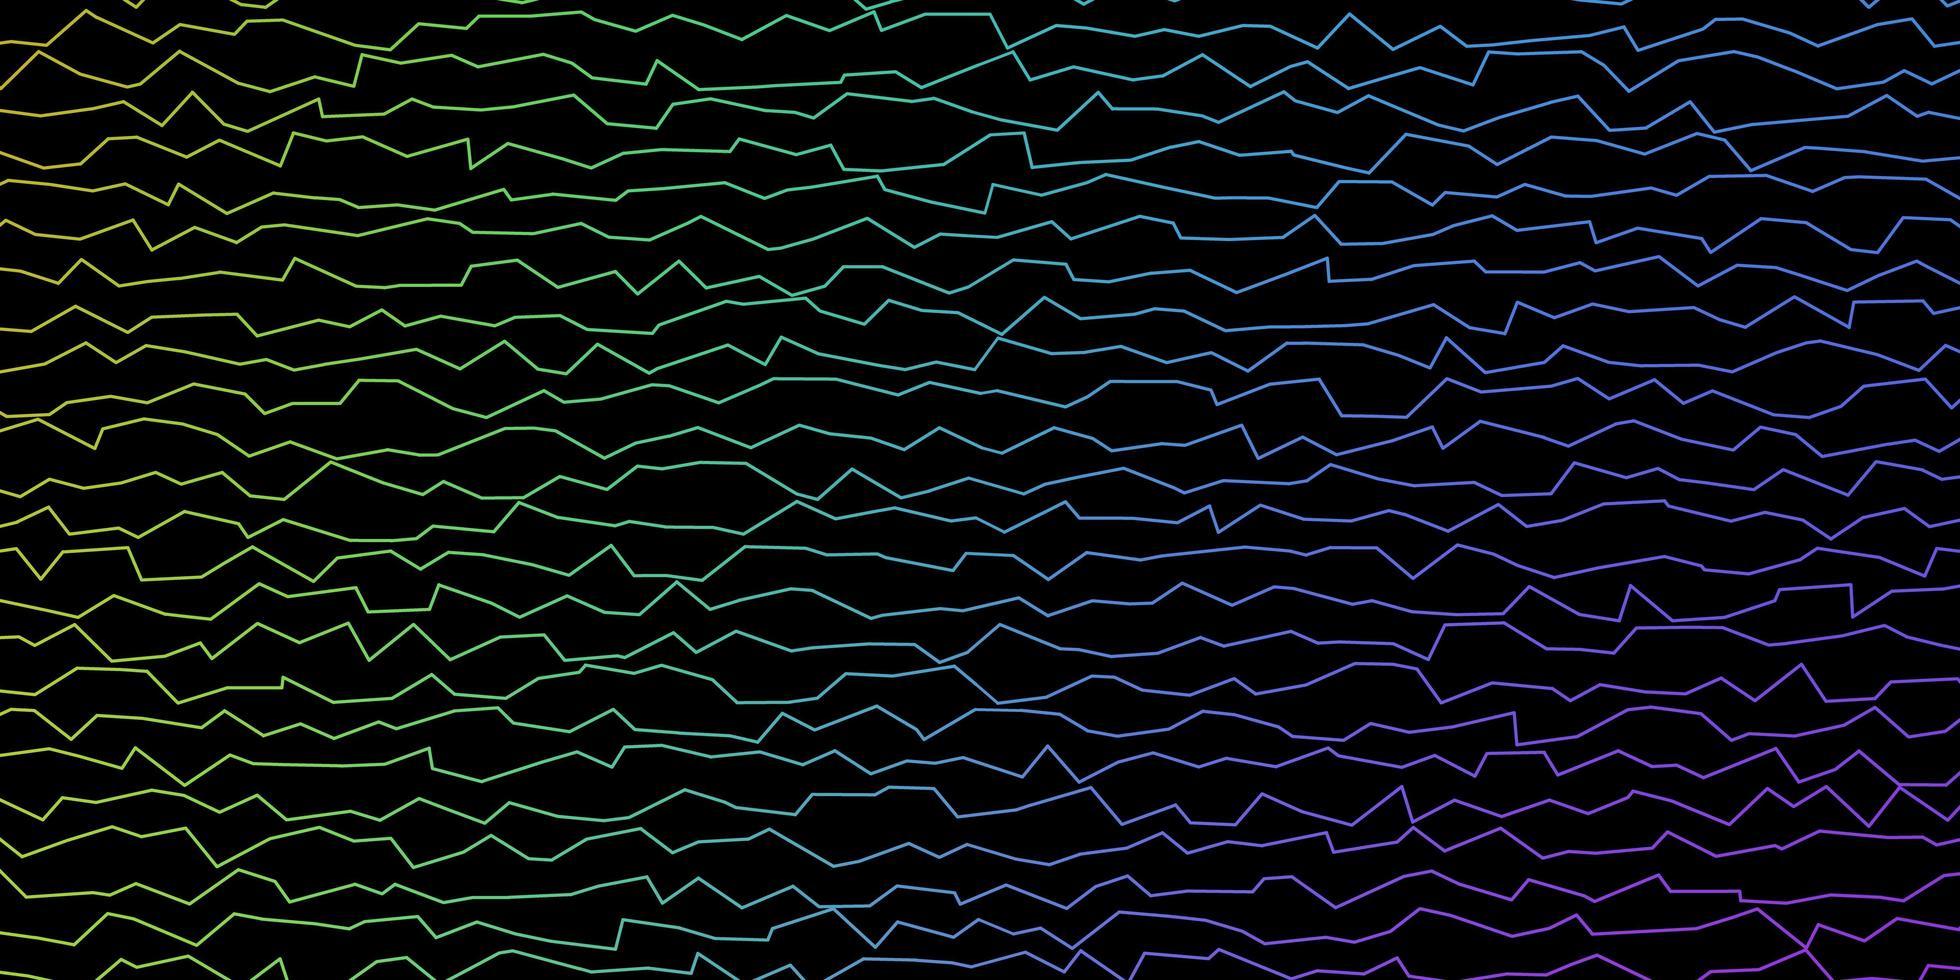 mörkt flerfärgat vektormönster med böjda linjer. vektor